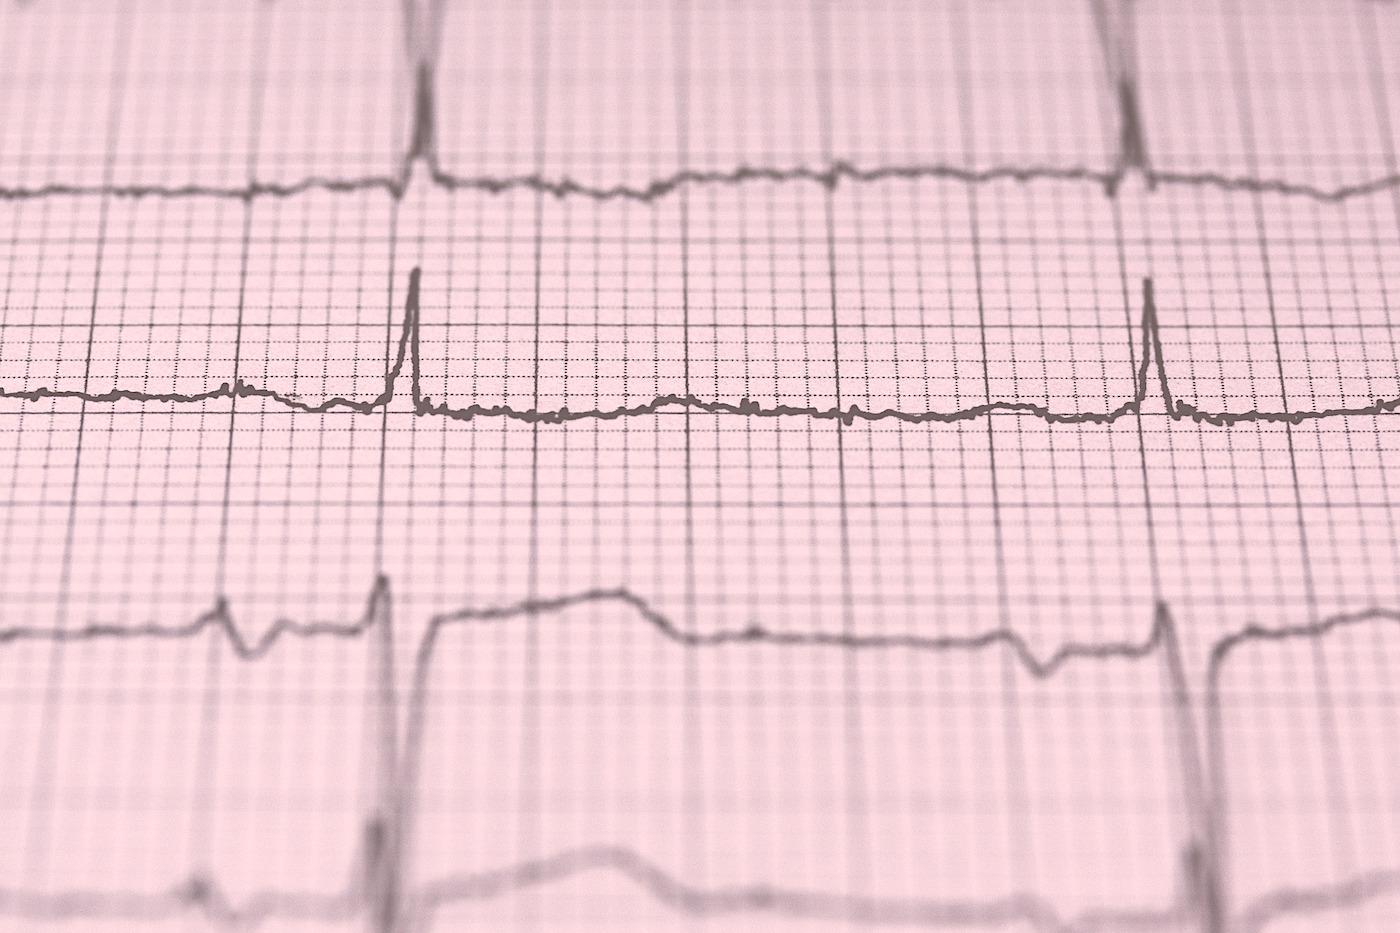 Exames Cardiológicos: Eletrocardiograma – Coração Vivo Informa